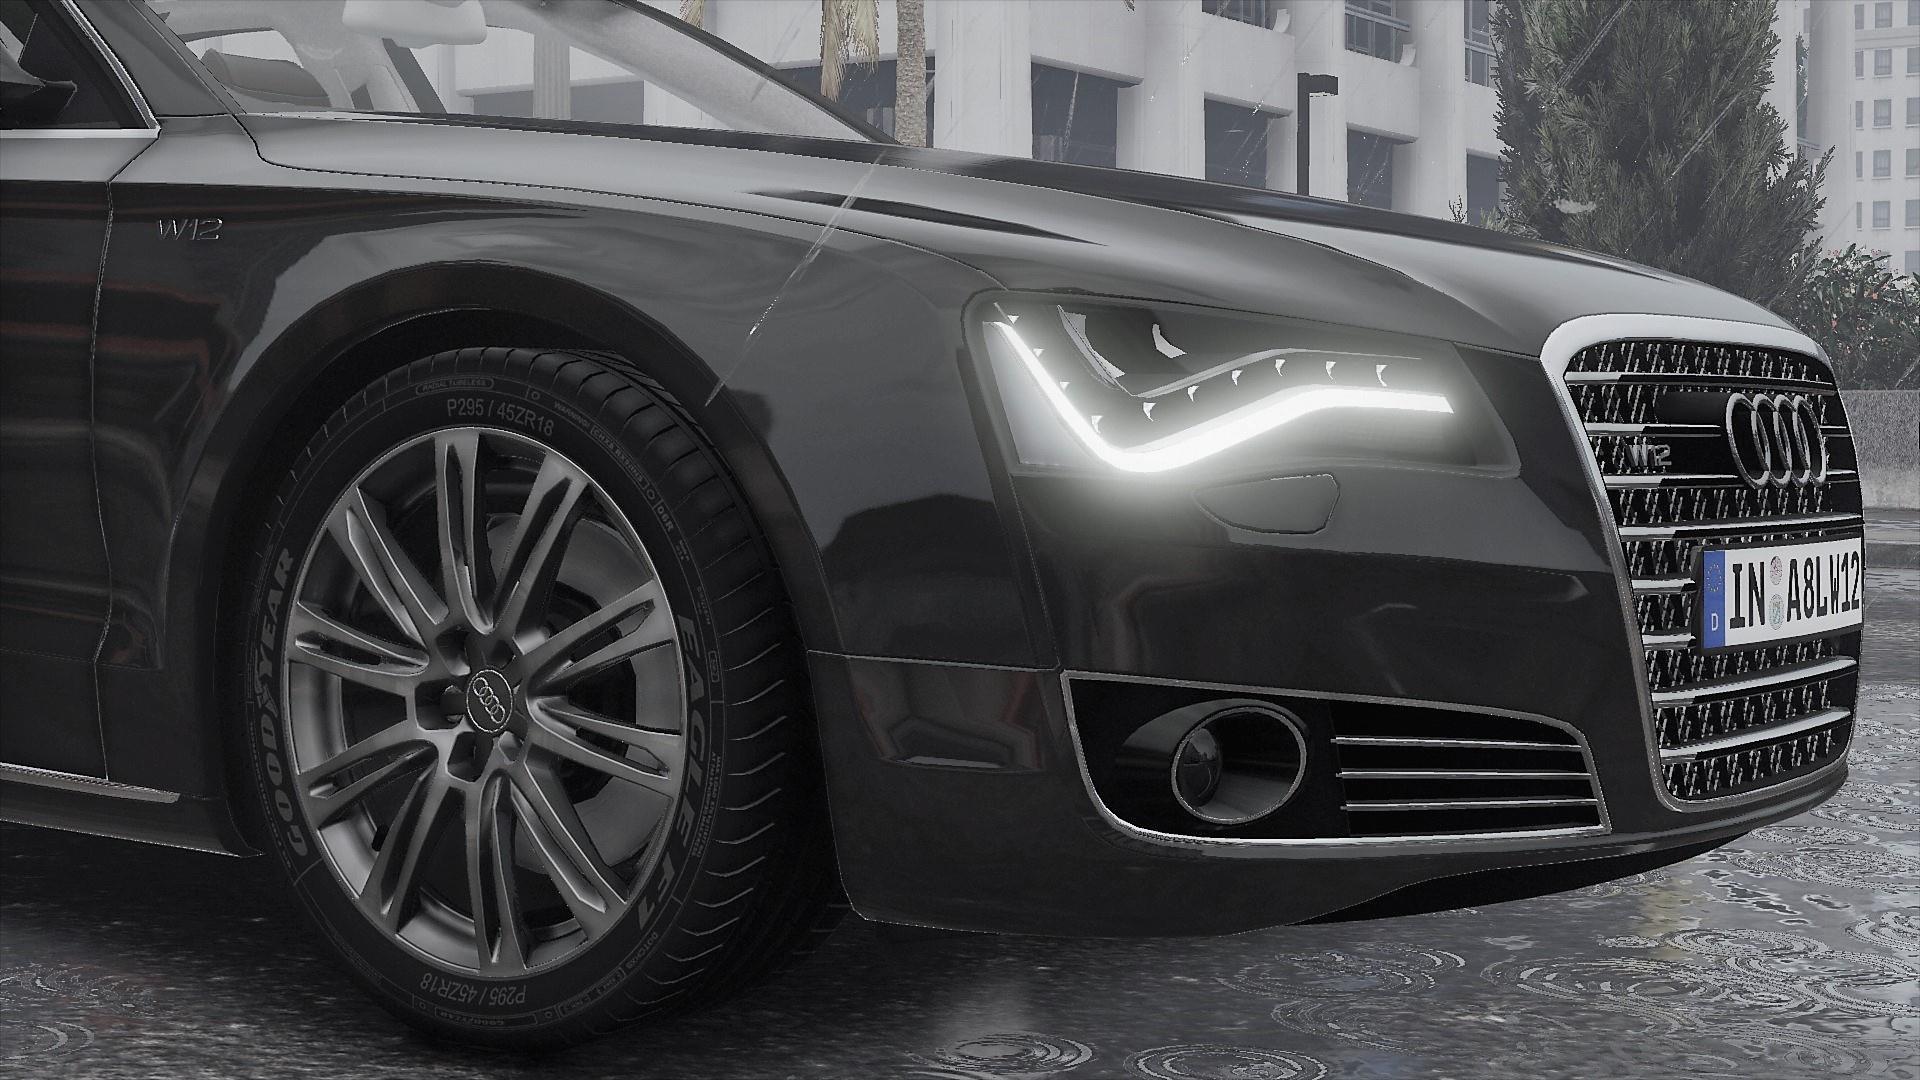 Audi A8 W12 >> 2011 Audi A8 L W12 Quattro D4 Add On Tuning Gta5 Mods Com